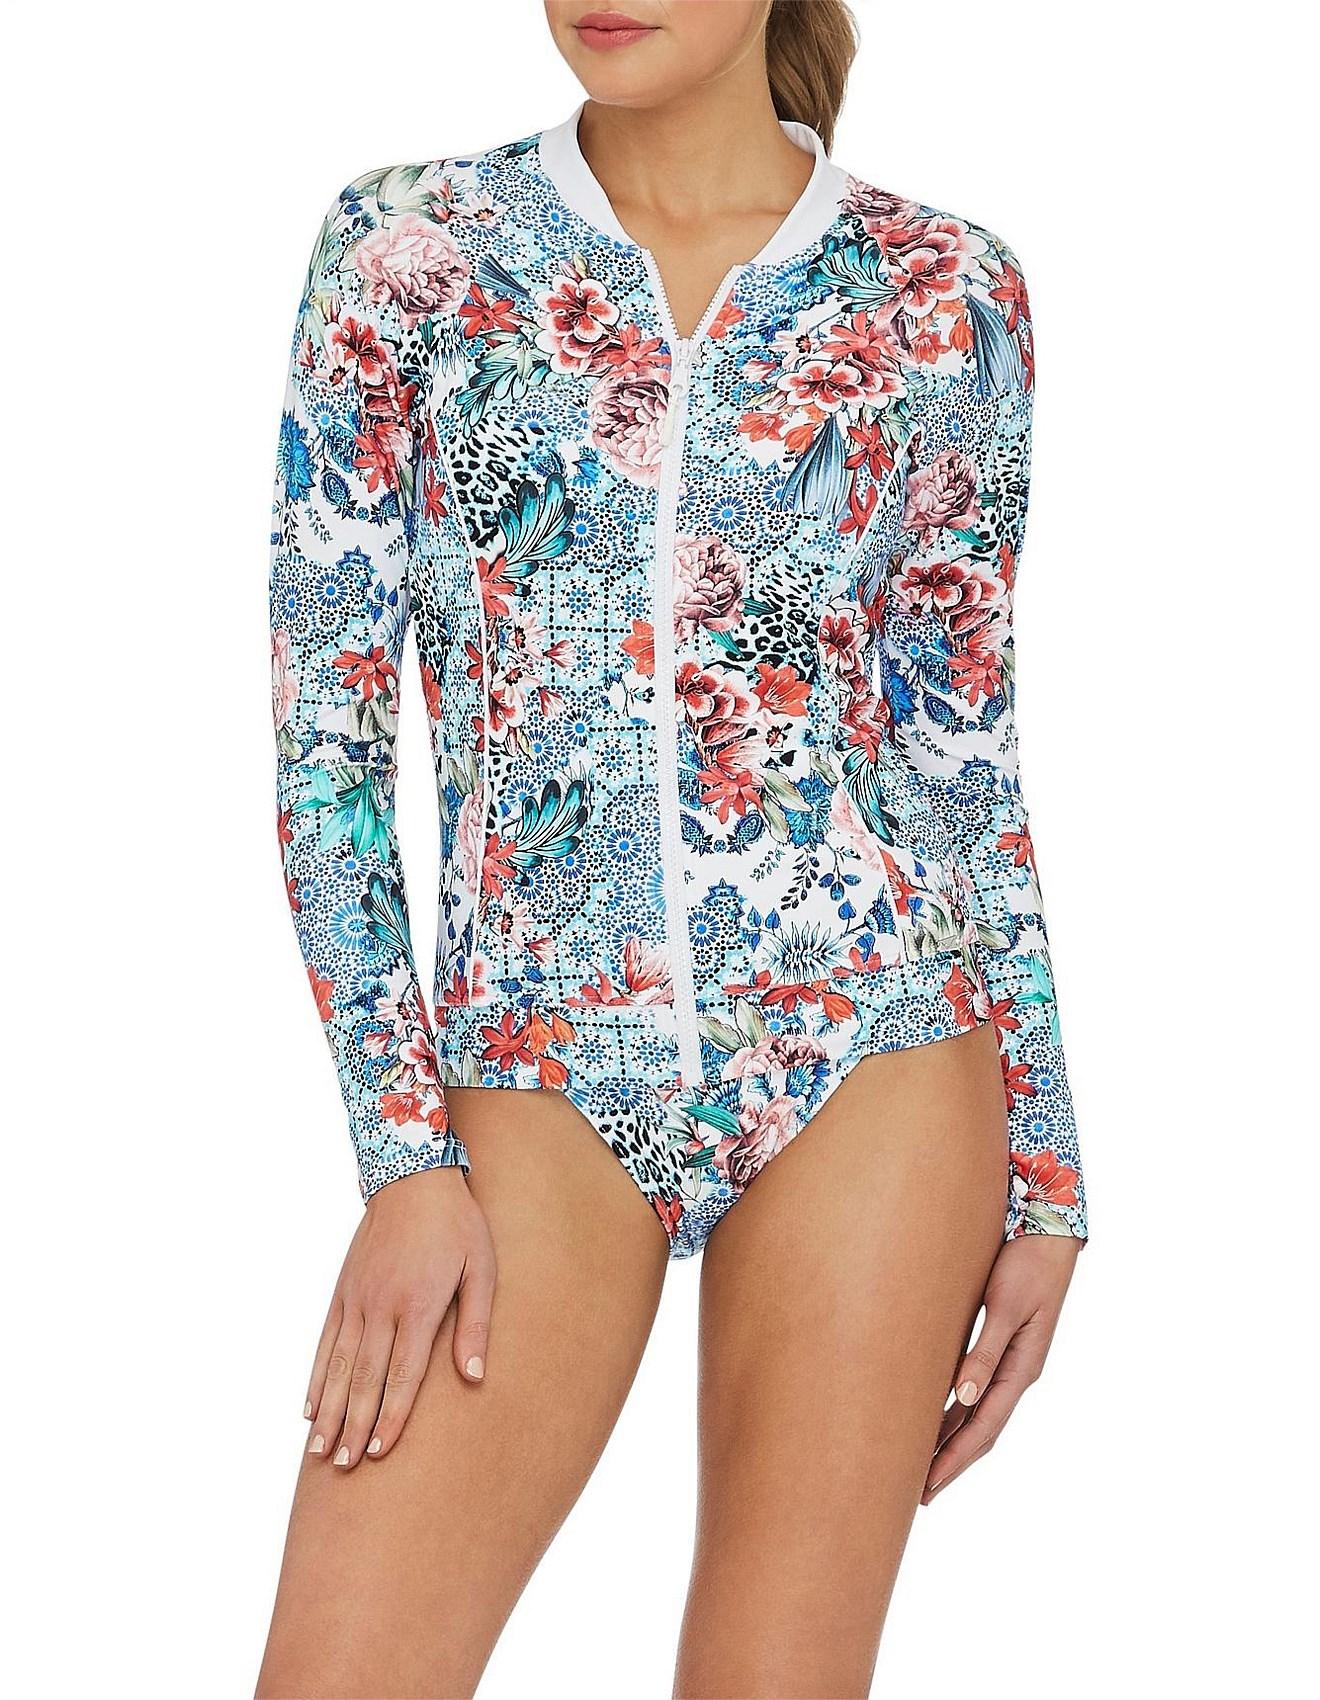 22b4092ccb5ae Women's Swimwear | Buy Bikinis & Swimsuits Online | David Jones ...